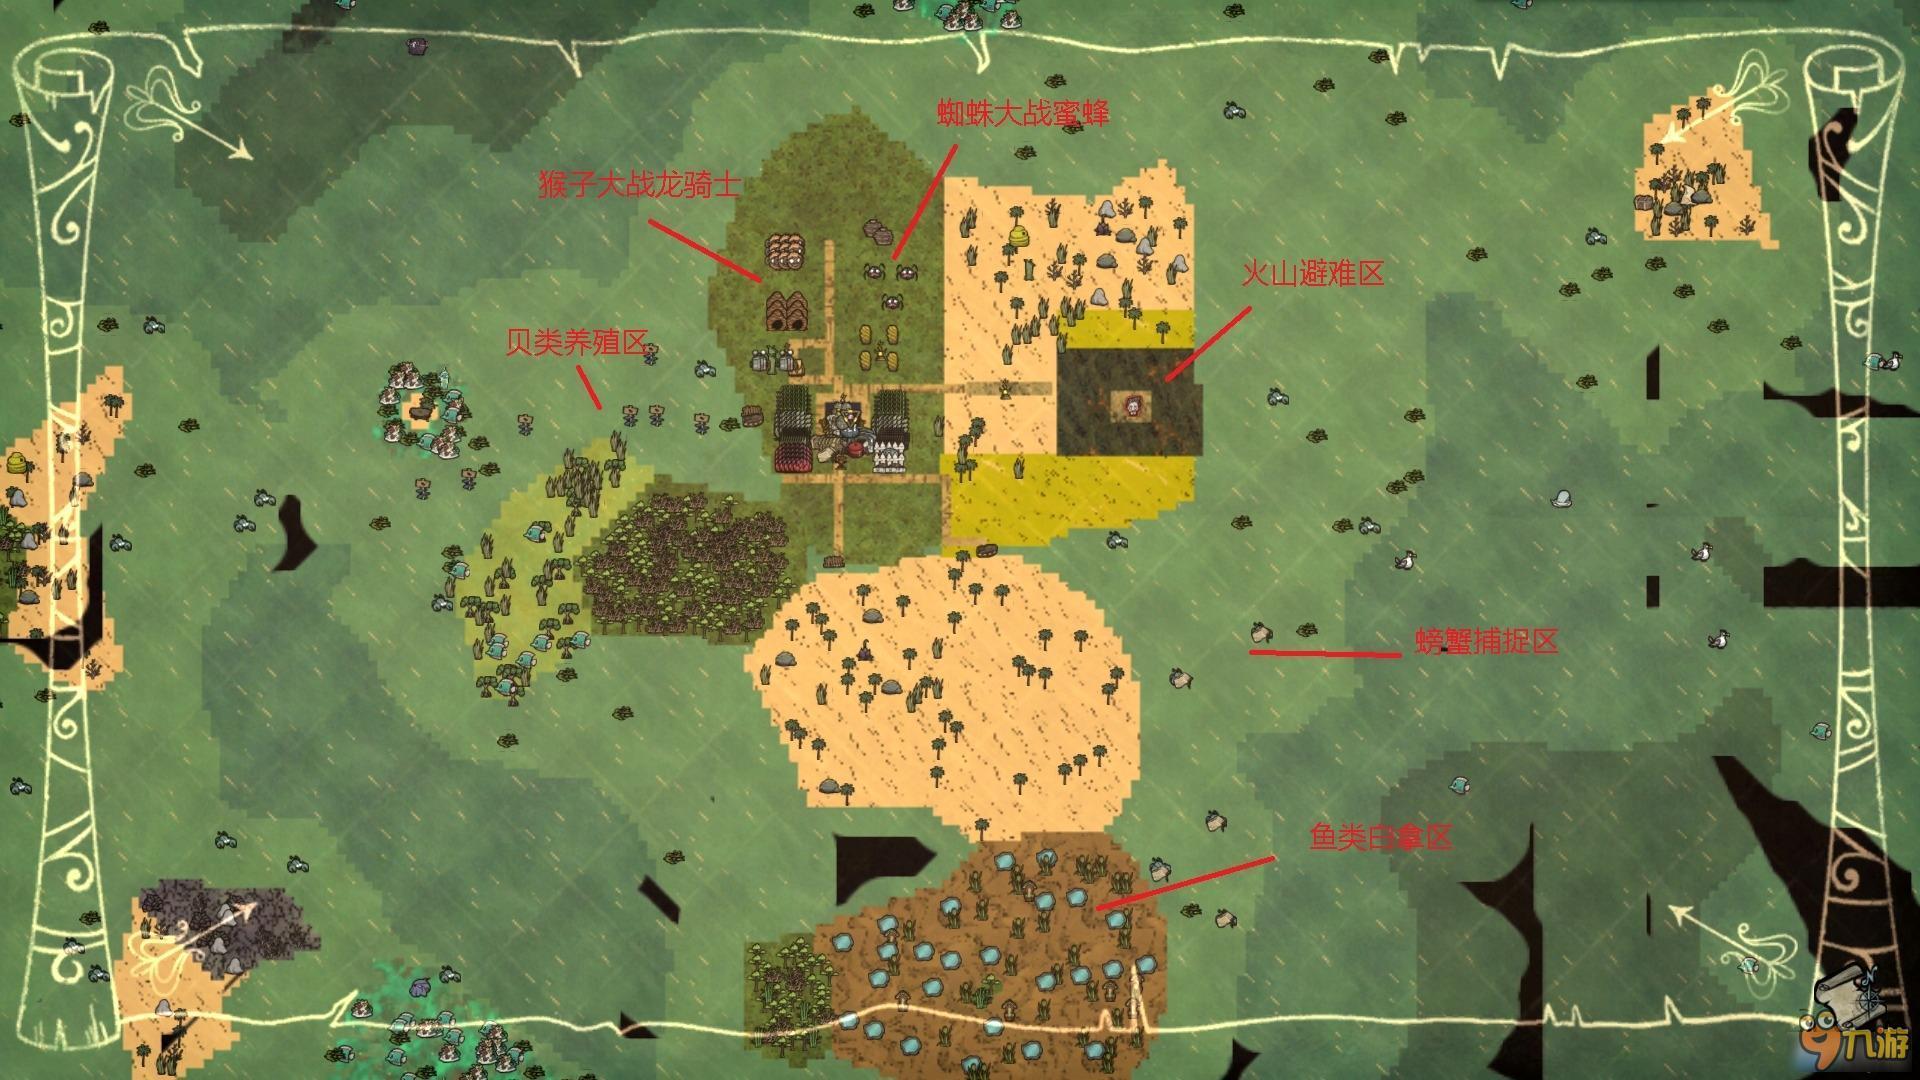 饥荒海难基地建设 饥荒海难优质地形及基地建设_九游手机游戏